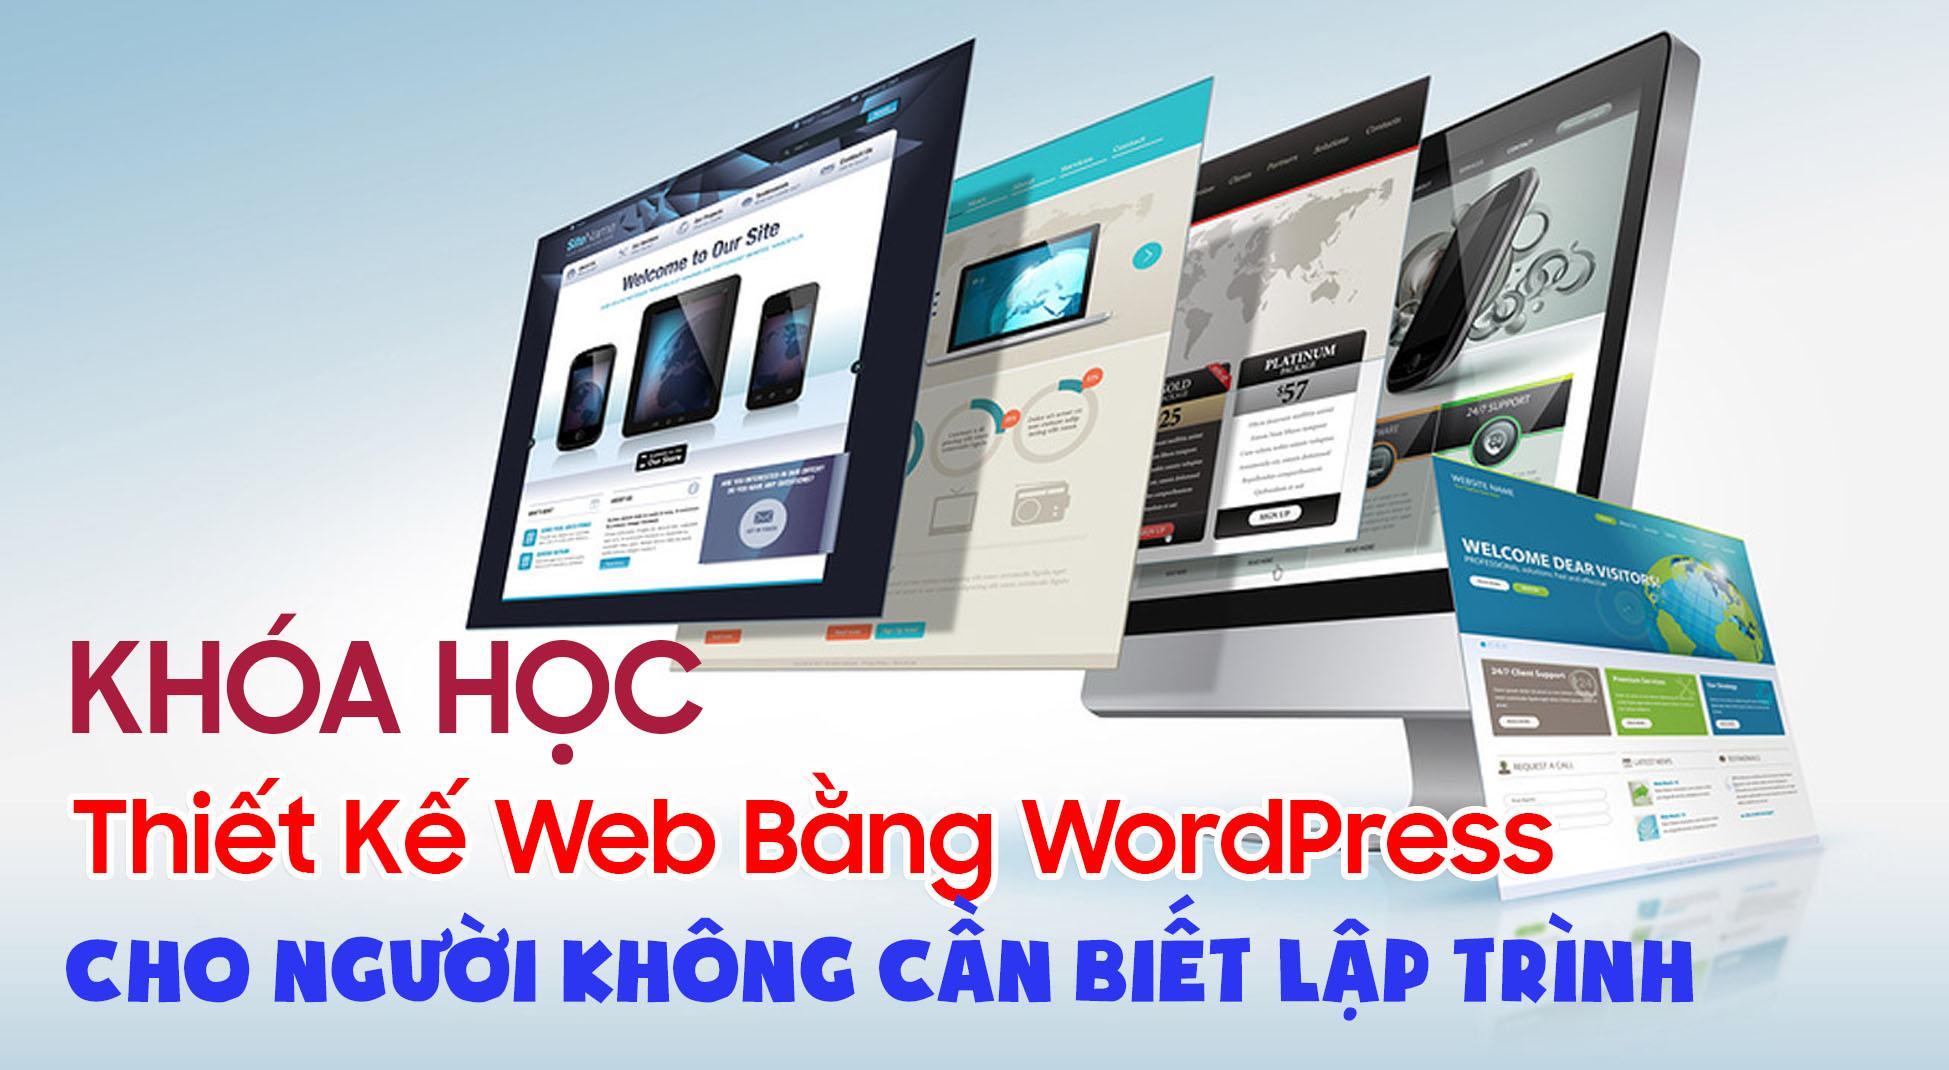 khóa học thiết kế web online hậu giang